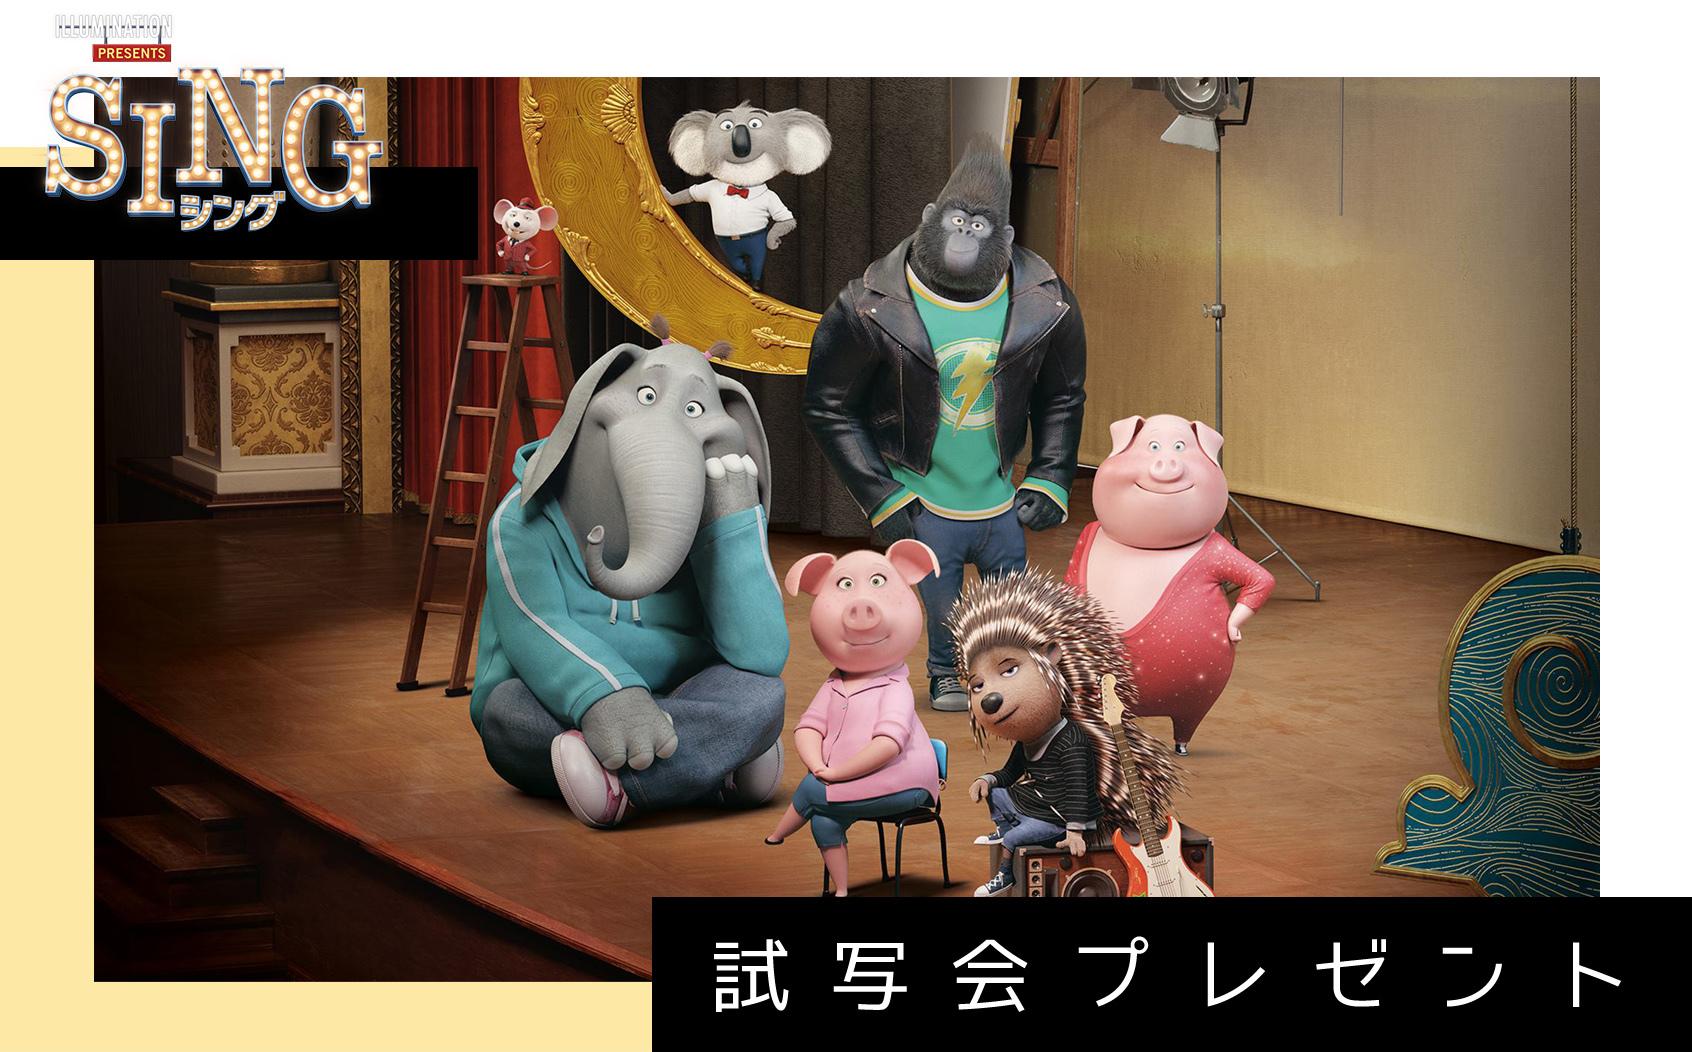 大切な劇場を立て直すため、動物たちが行ったのは!?【SING / シング】試写会プレゼント🐖🐘🐻🎤💙